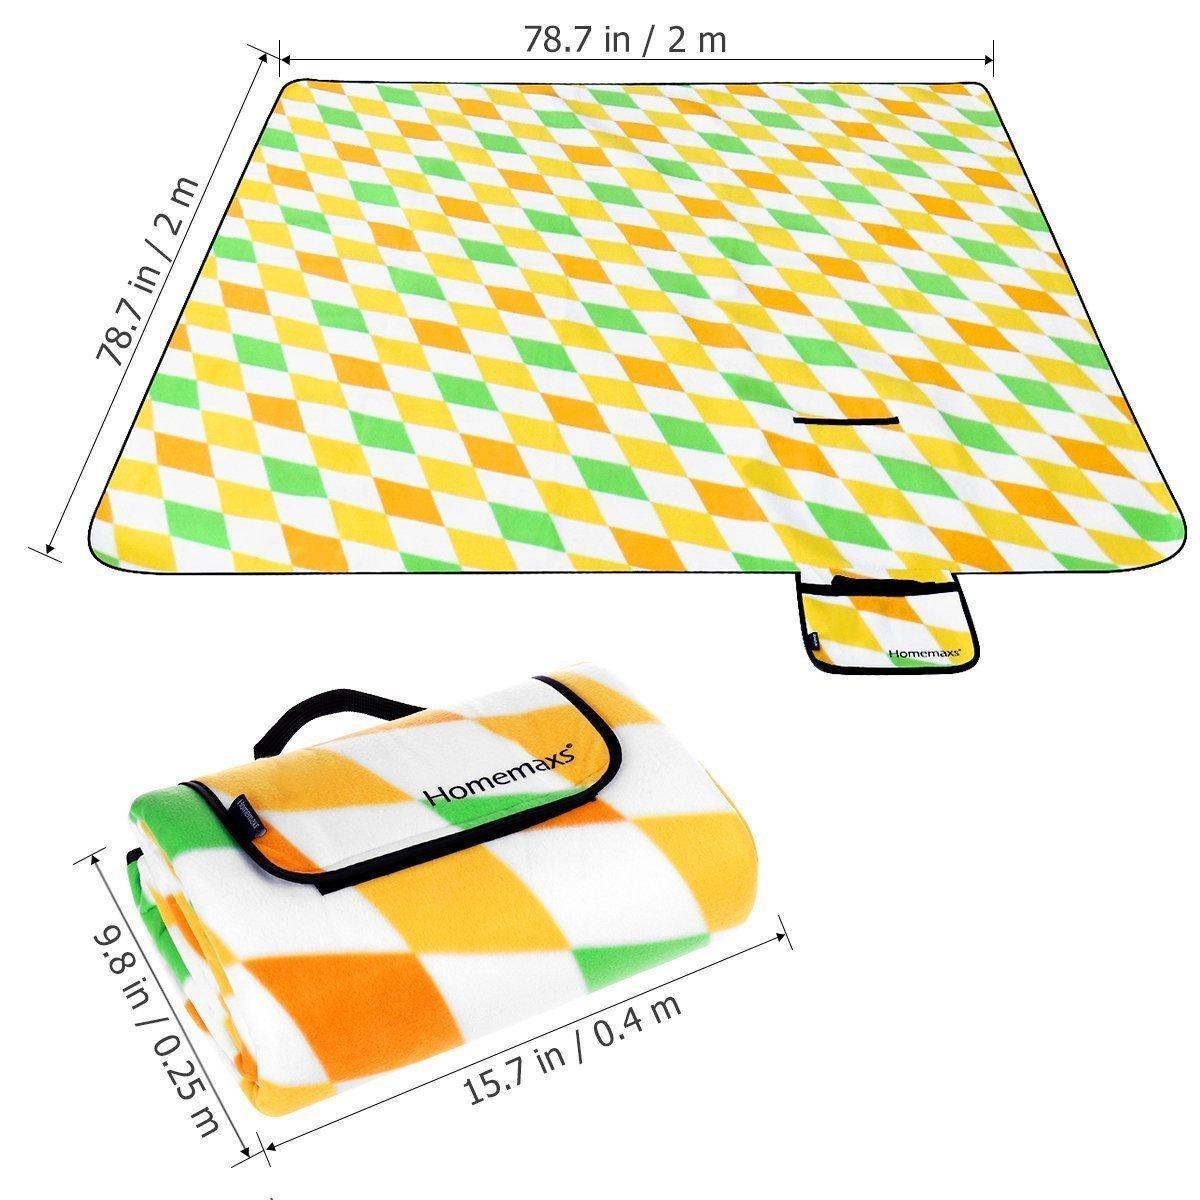 Homemaxs Extra Gro/ße Picknickdecke 200x200 cm Wasserdicht und Tragbar Faltbare Outdoor-Decke f/ür Strandwanderungen Reise Camping